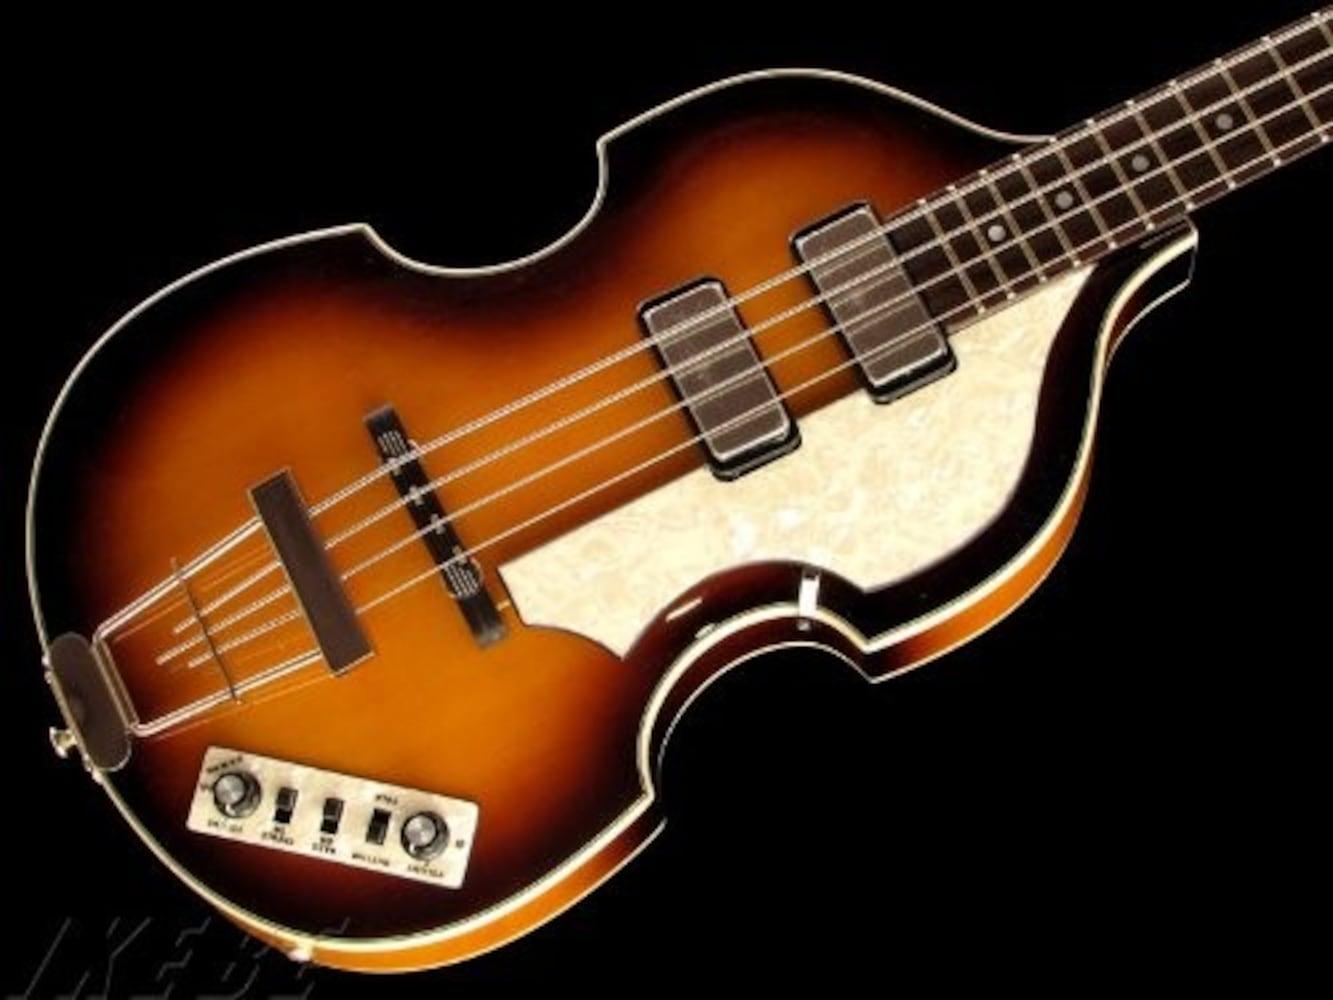 ヘフナー社のバイオリンベース